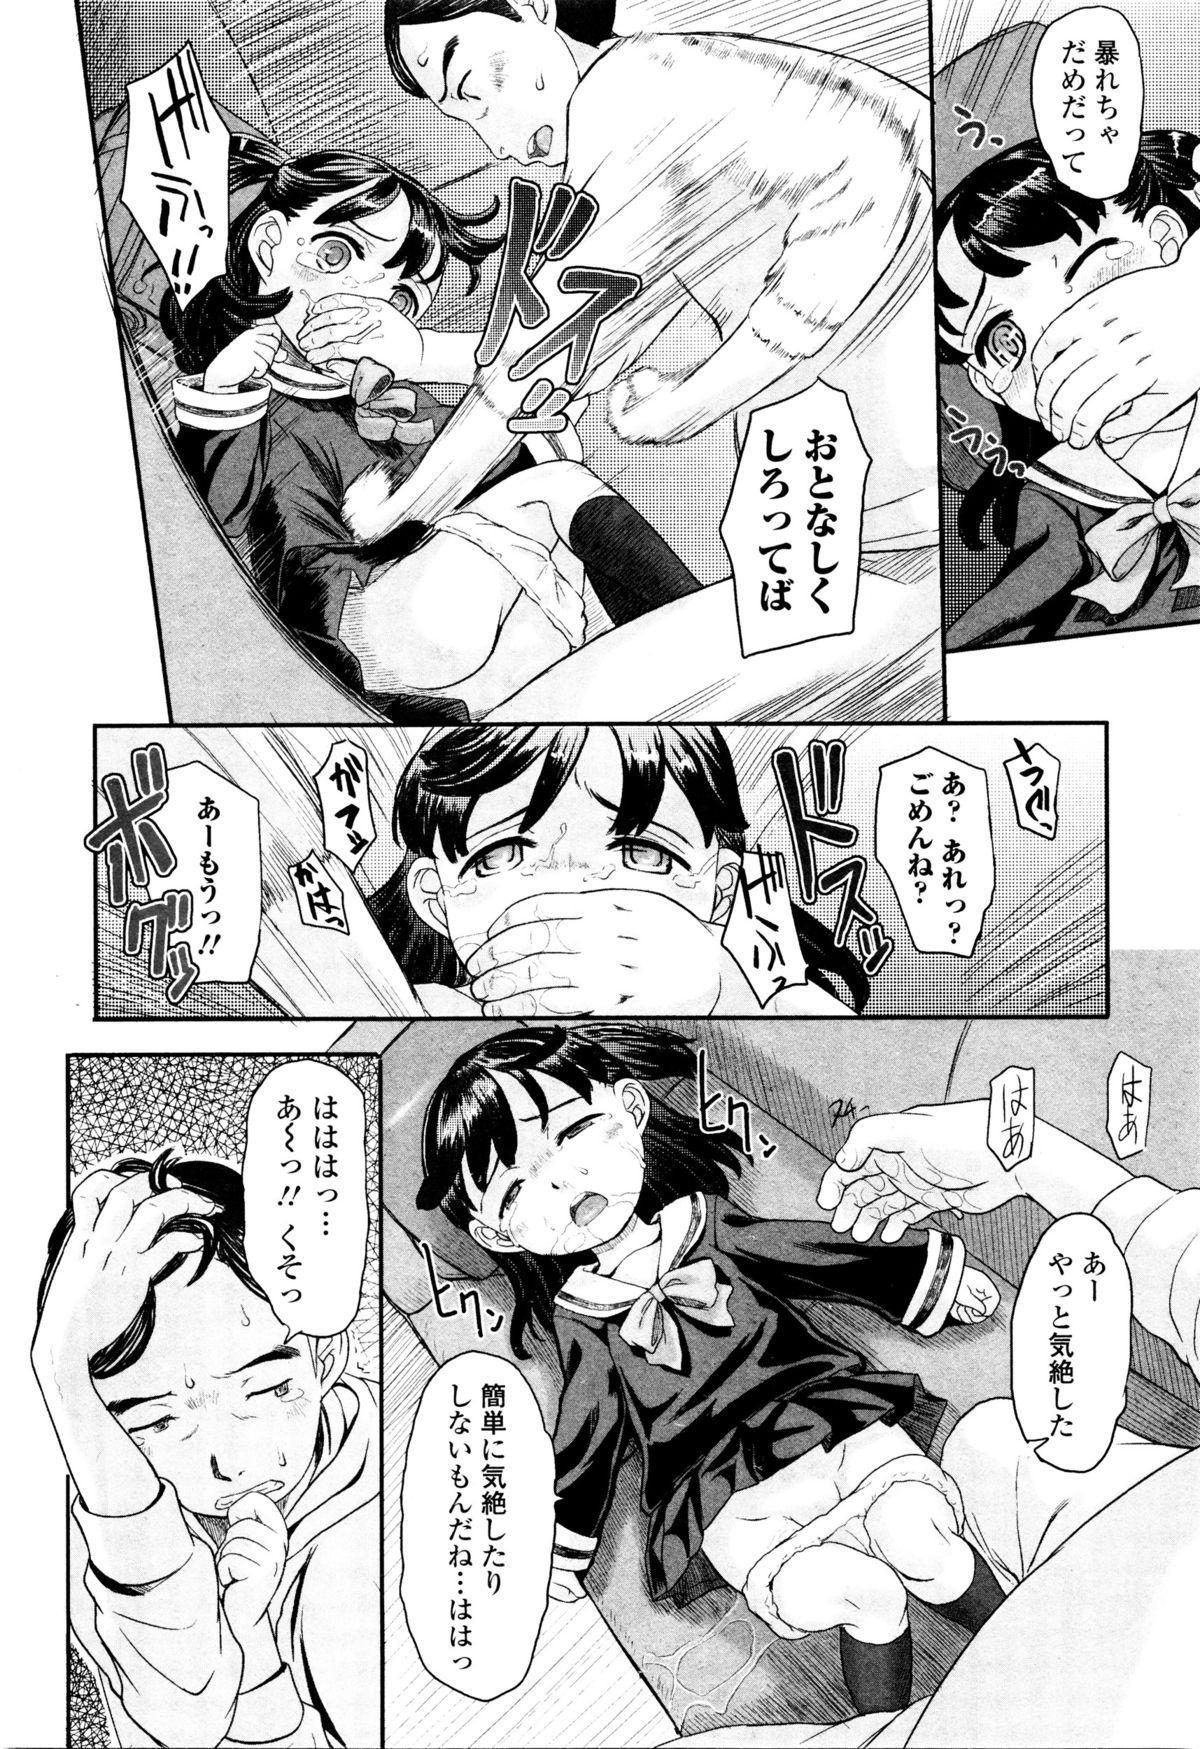 COMIC Mate Legend Vol. 7 2016-02 168